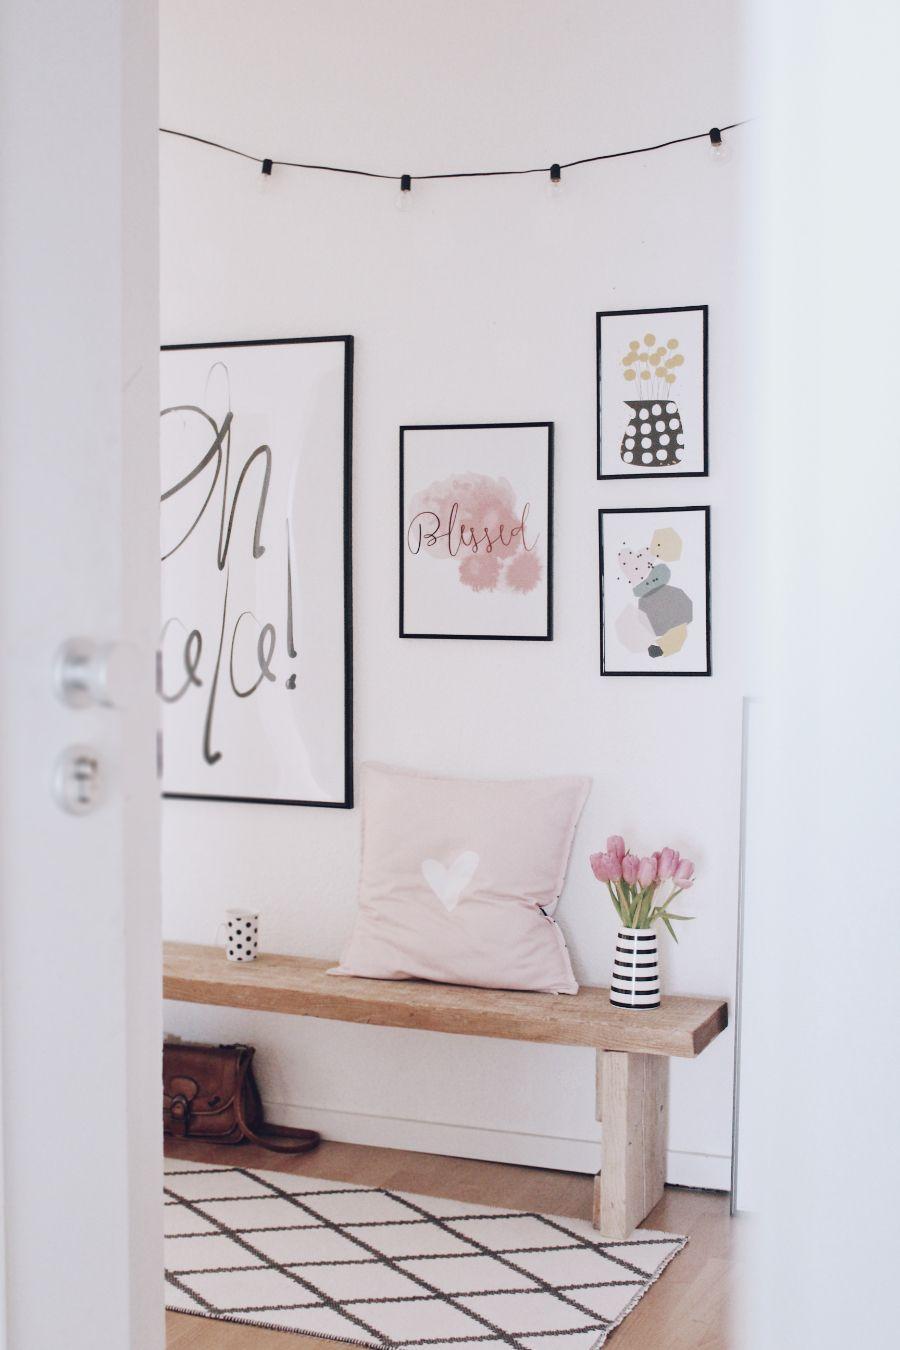 Haus flur design-ideen flur hell und einladend gestalten  so wird dein flur der hingucker